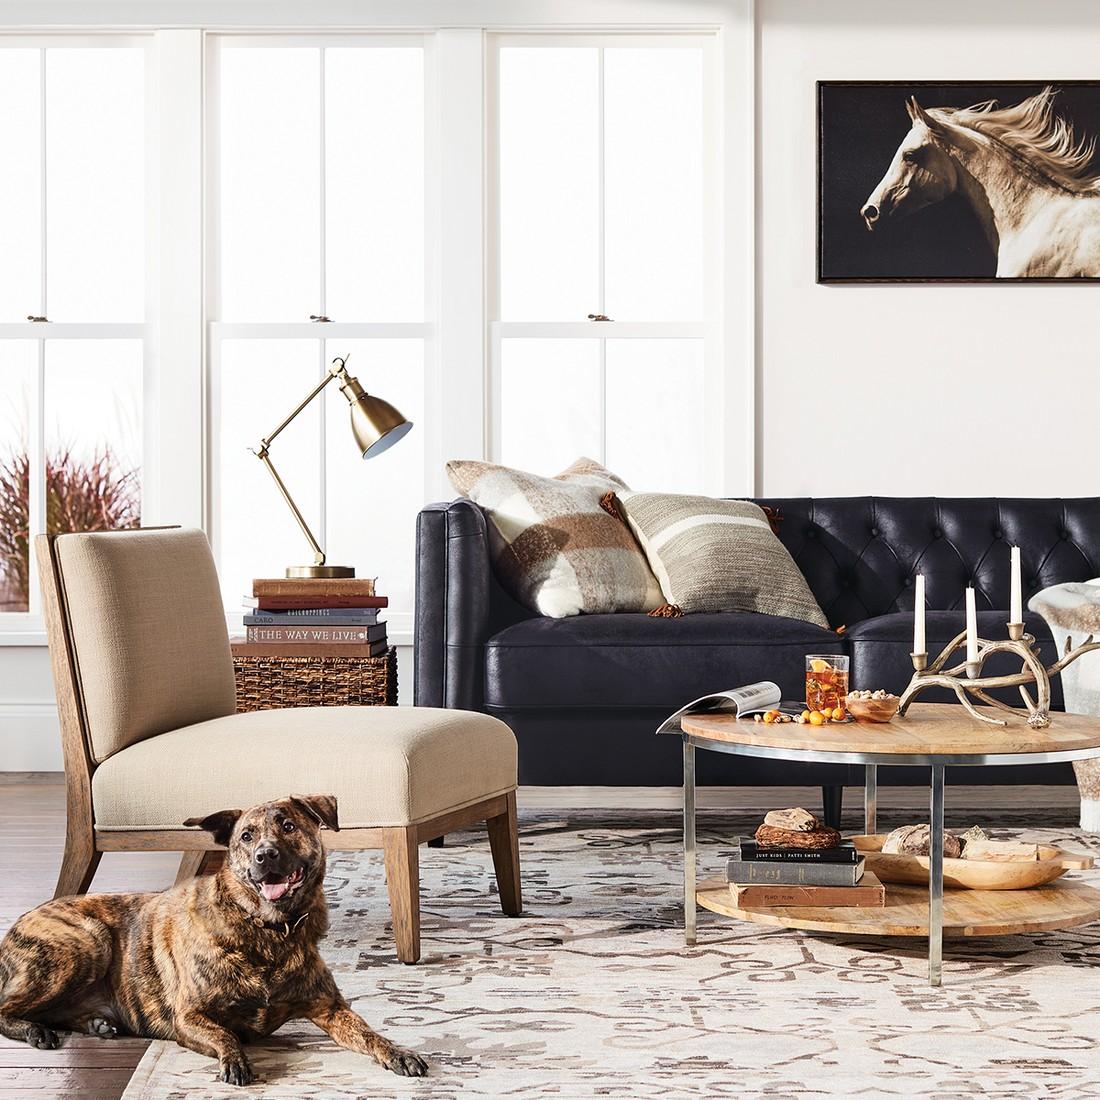 Target Living Room Home Ideas Design & Inspiration  Target